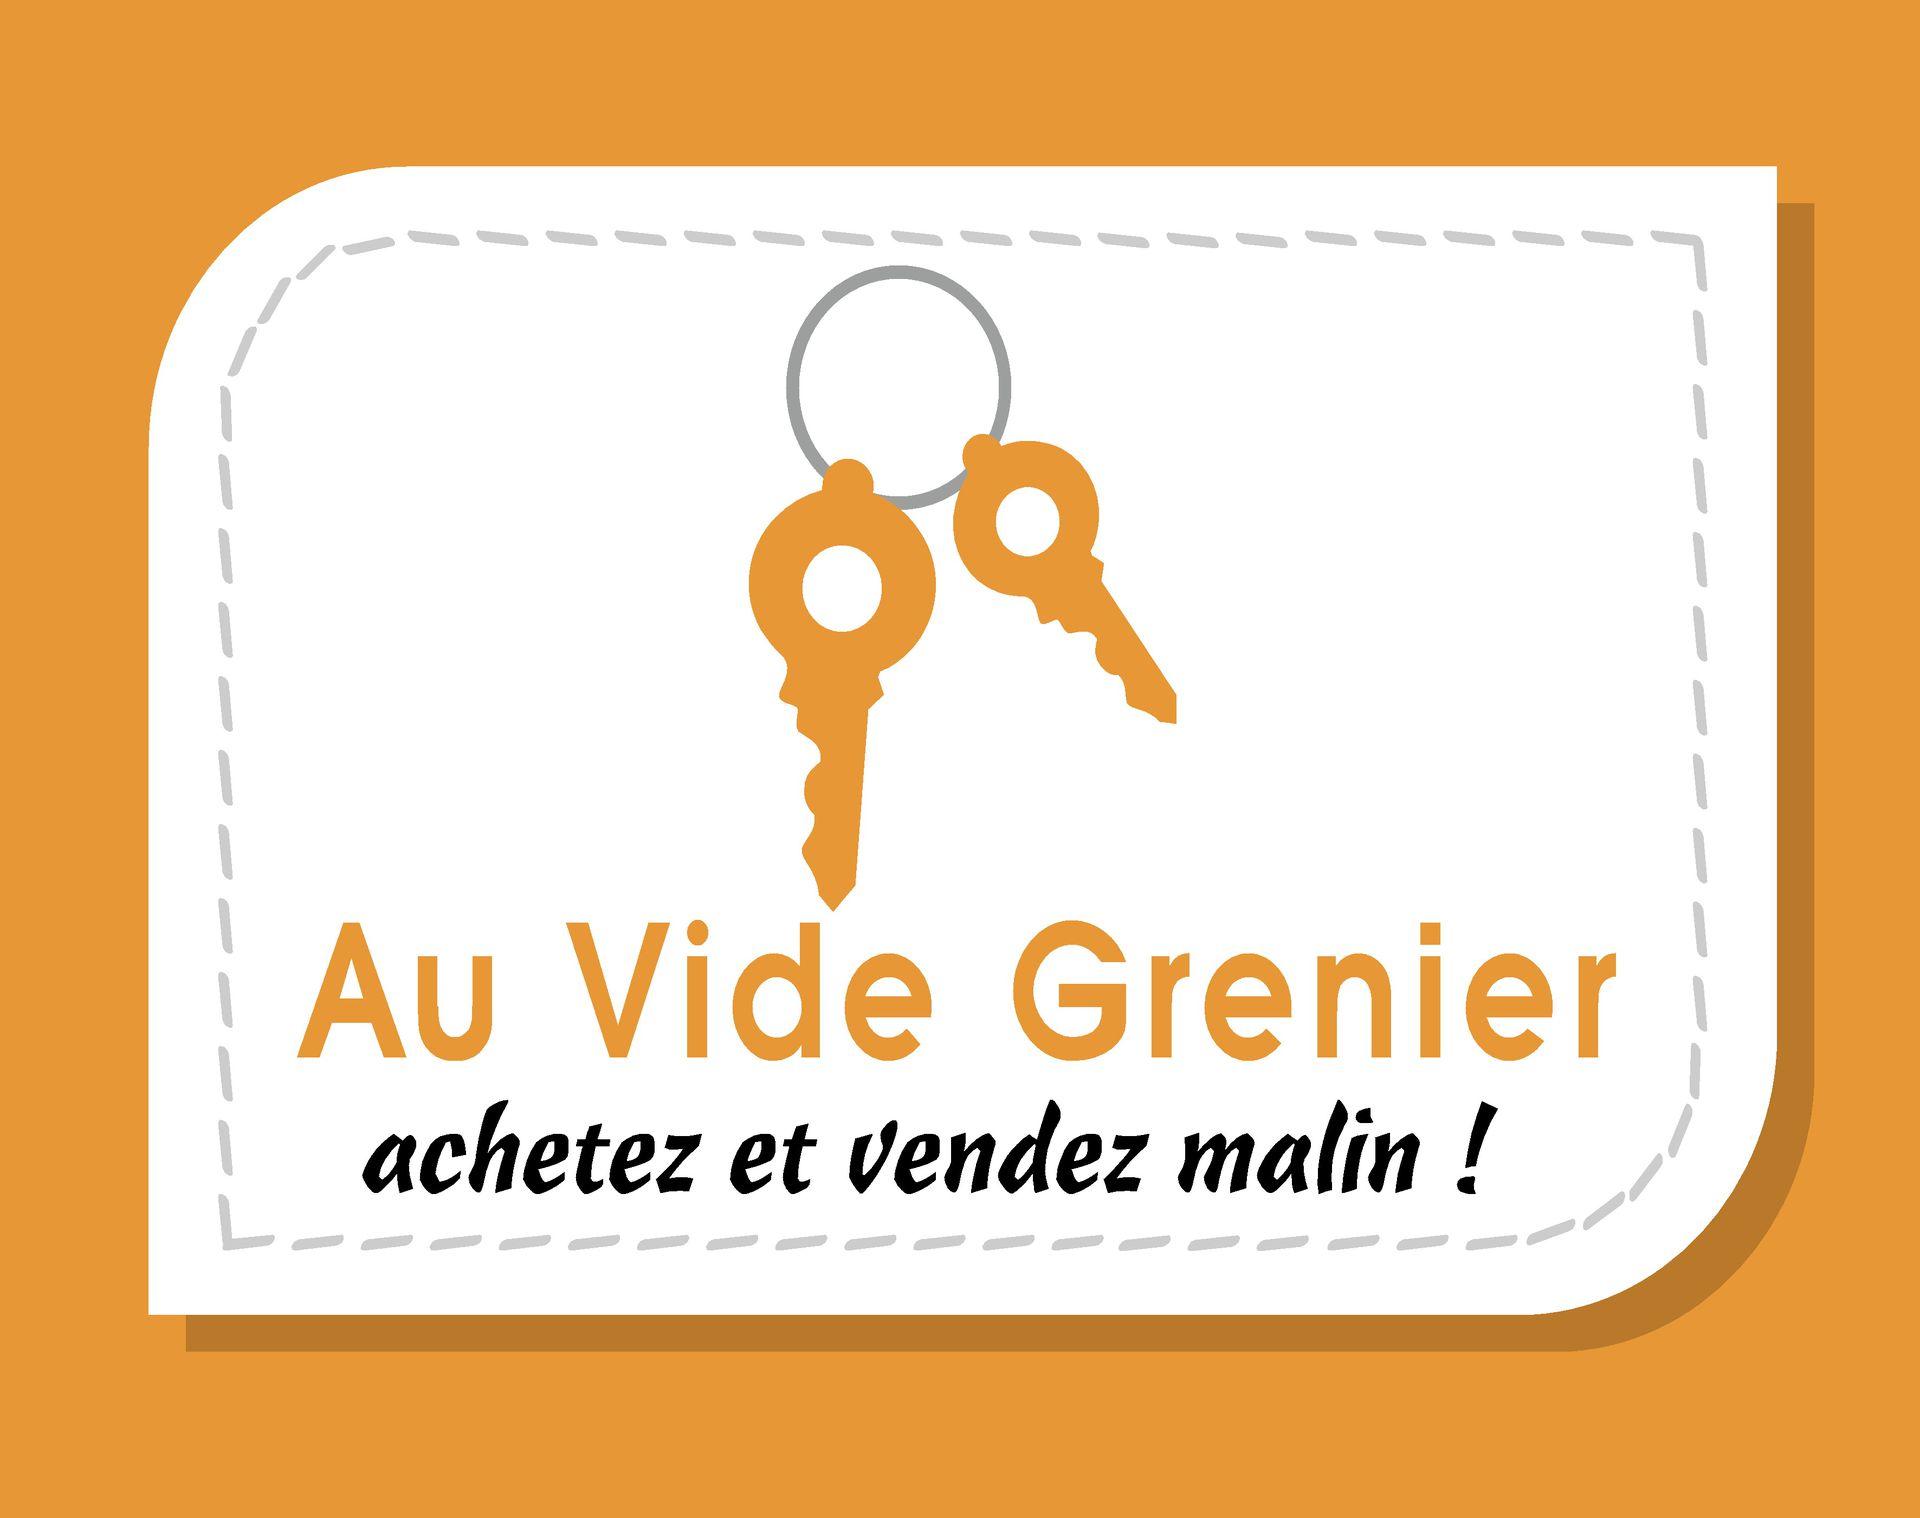 Au Vide Grenier dépôt-vente de meuble et équipement pour la maison